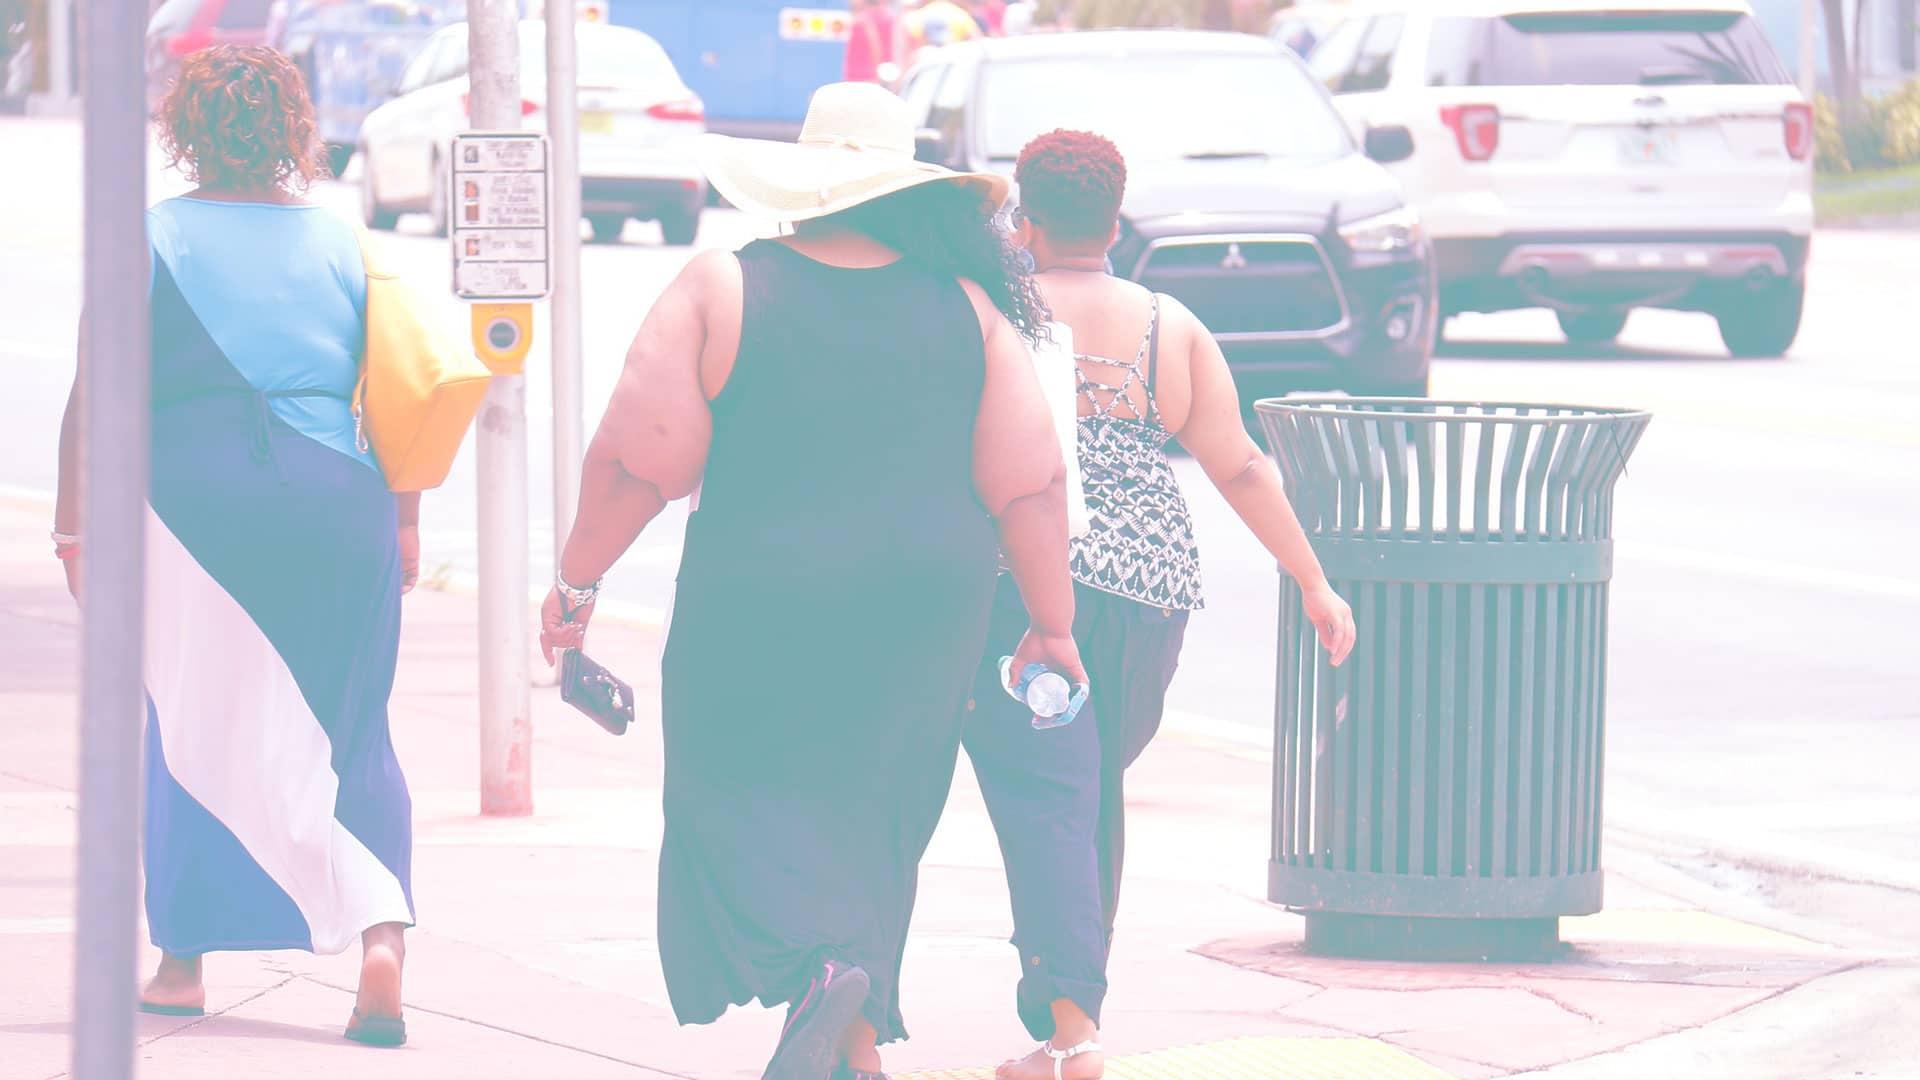 Operadora de saúde oferece Programa de Combate a Obesidade Mórbida para beneficiários